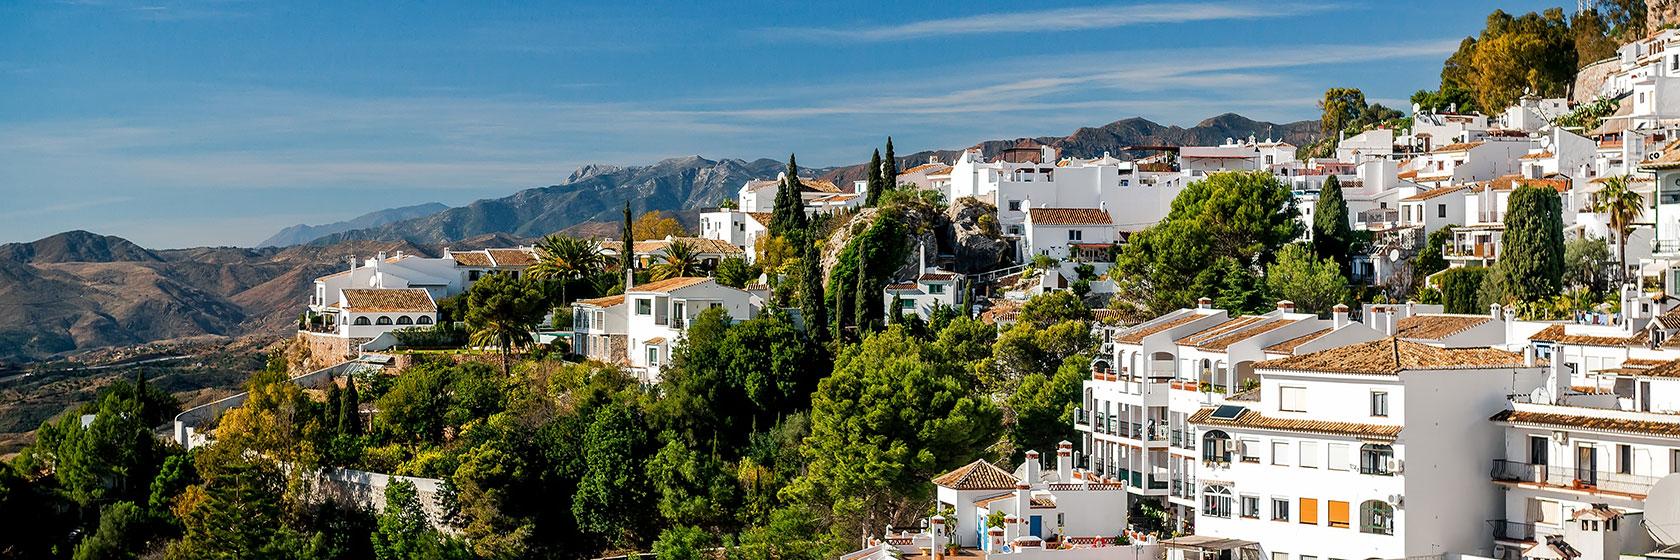 En hvit landsby oppe i fjellene på solkysten.